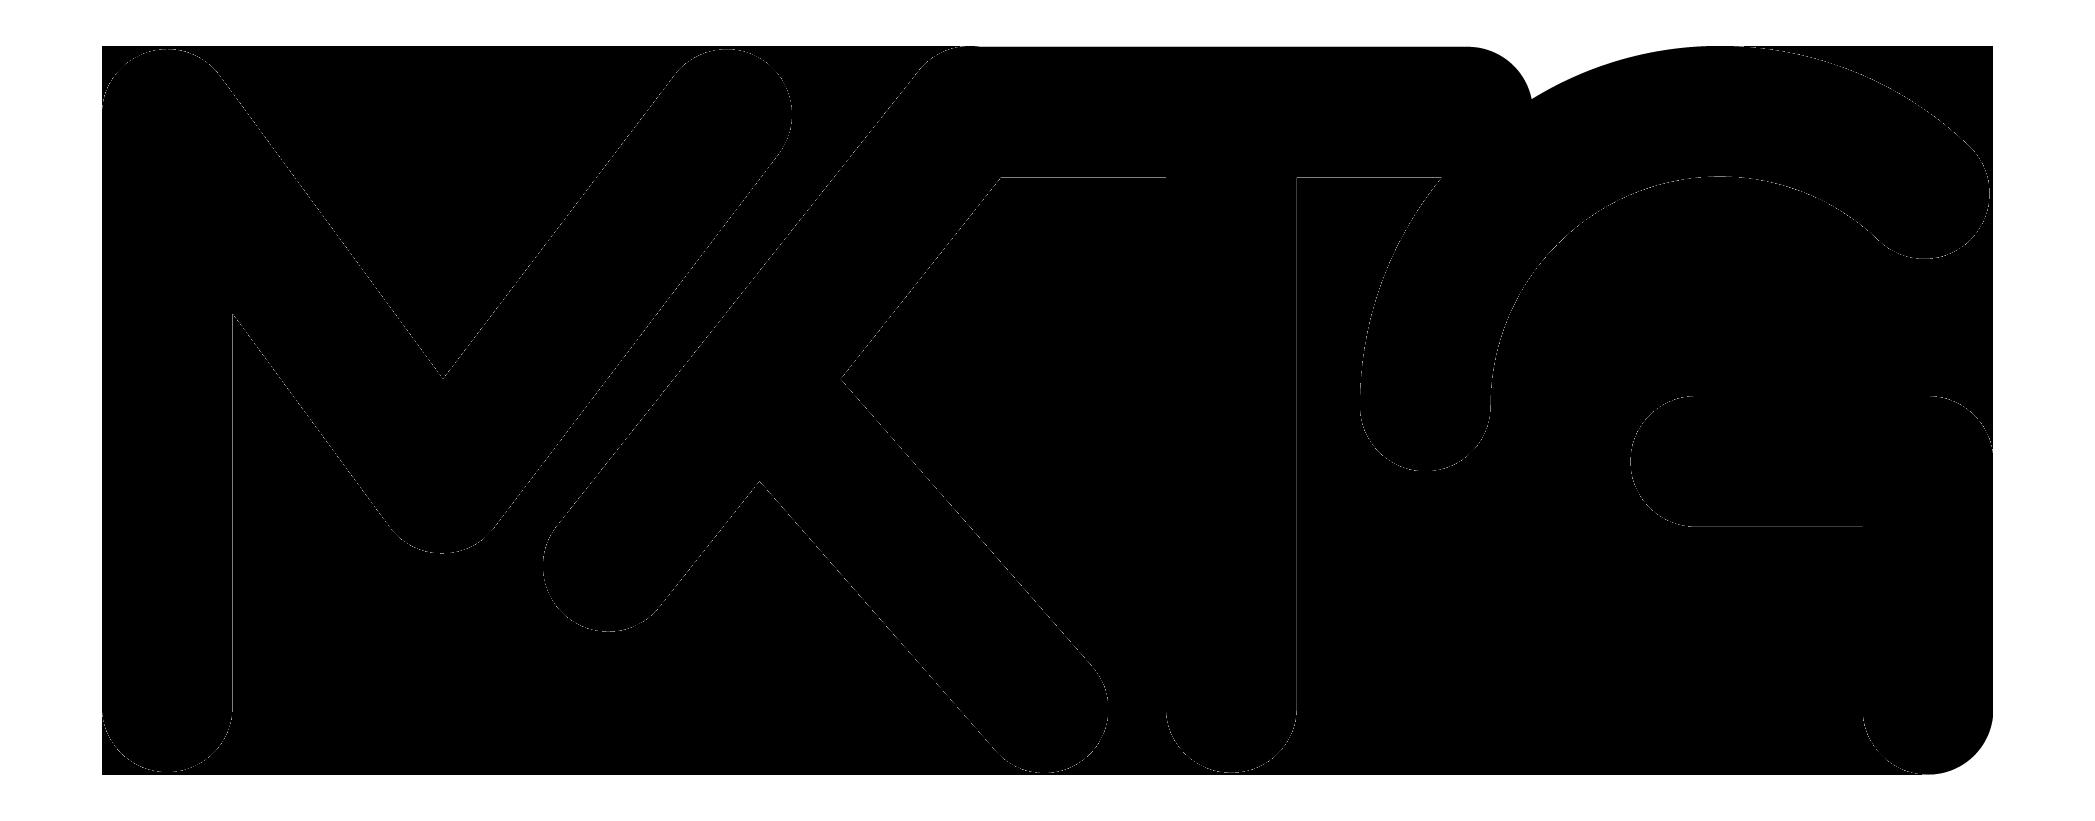 mktg -transparent.png